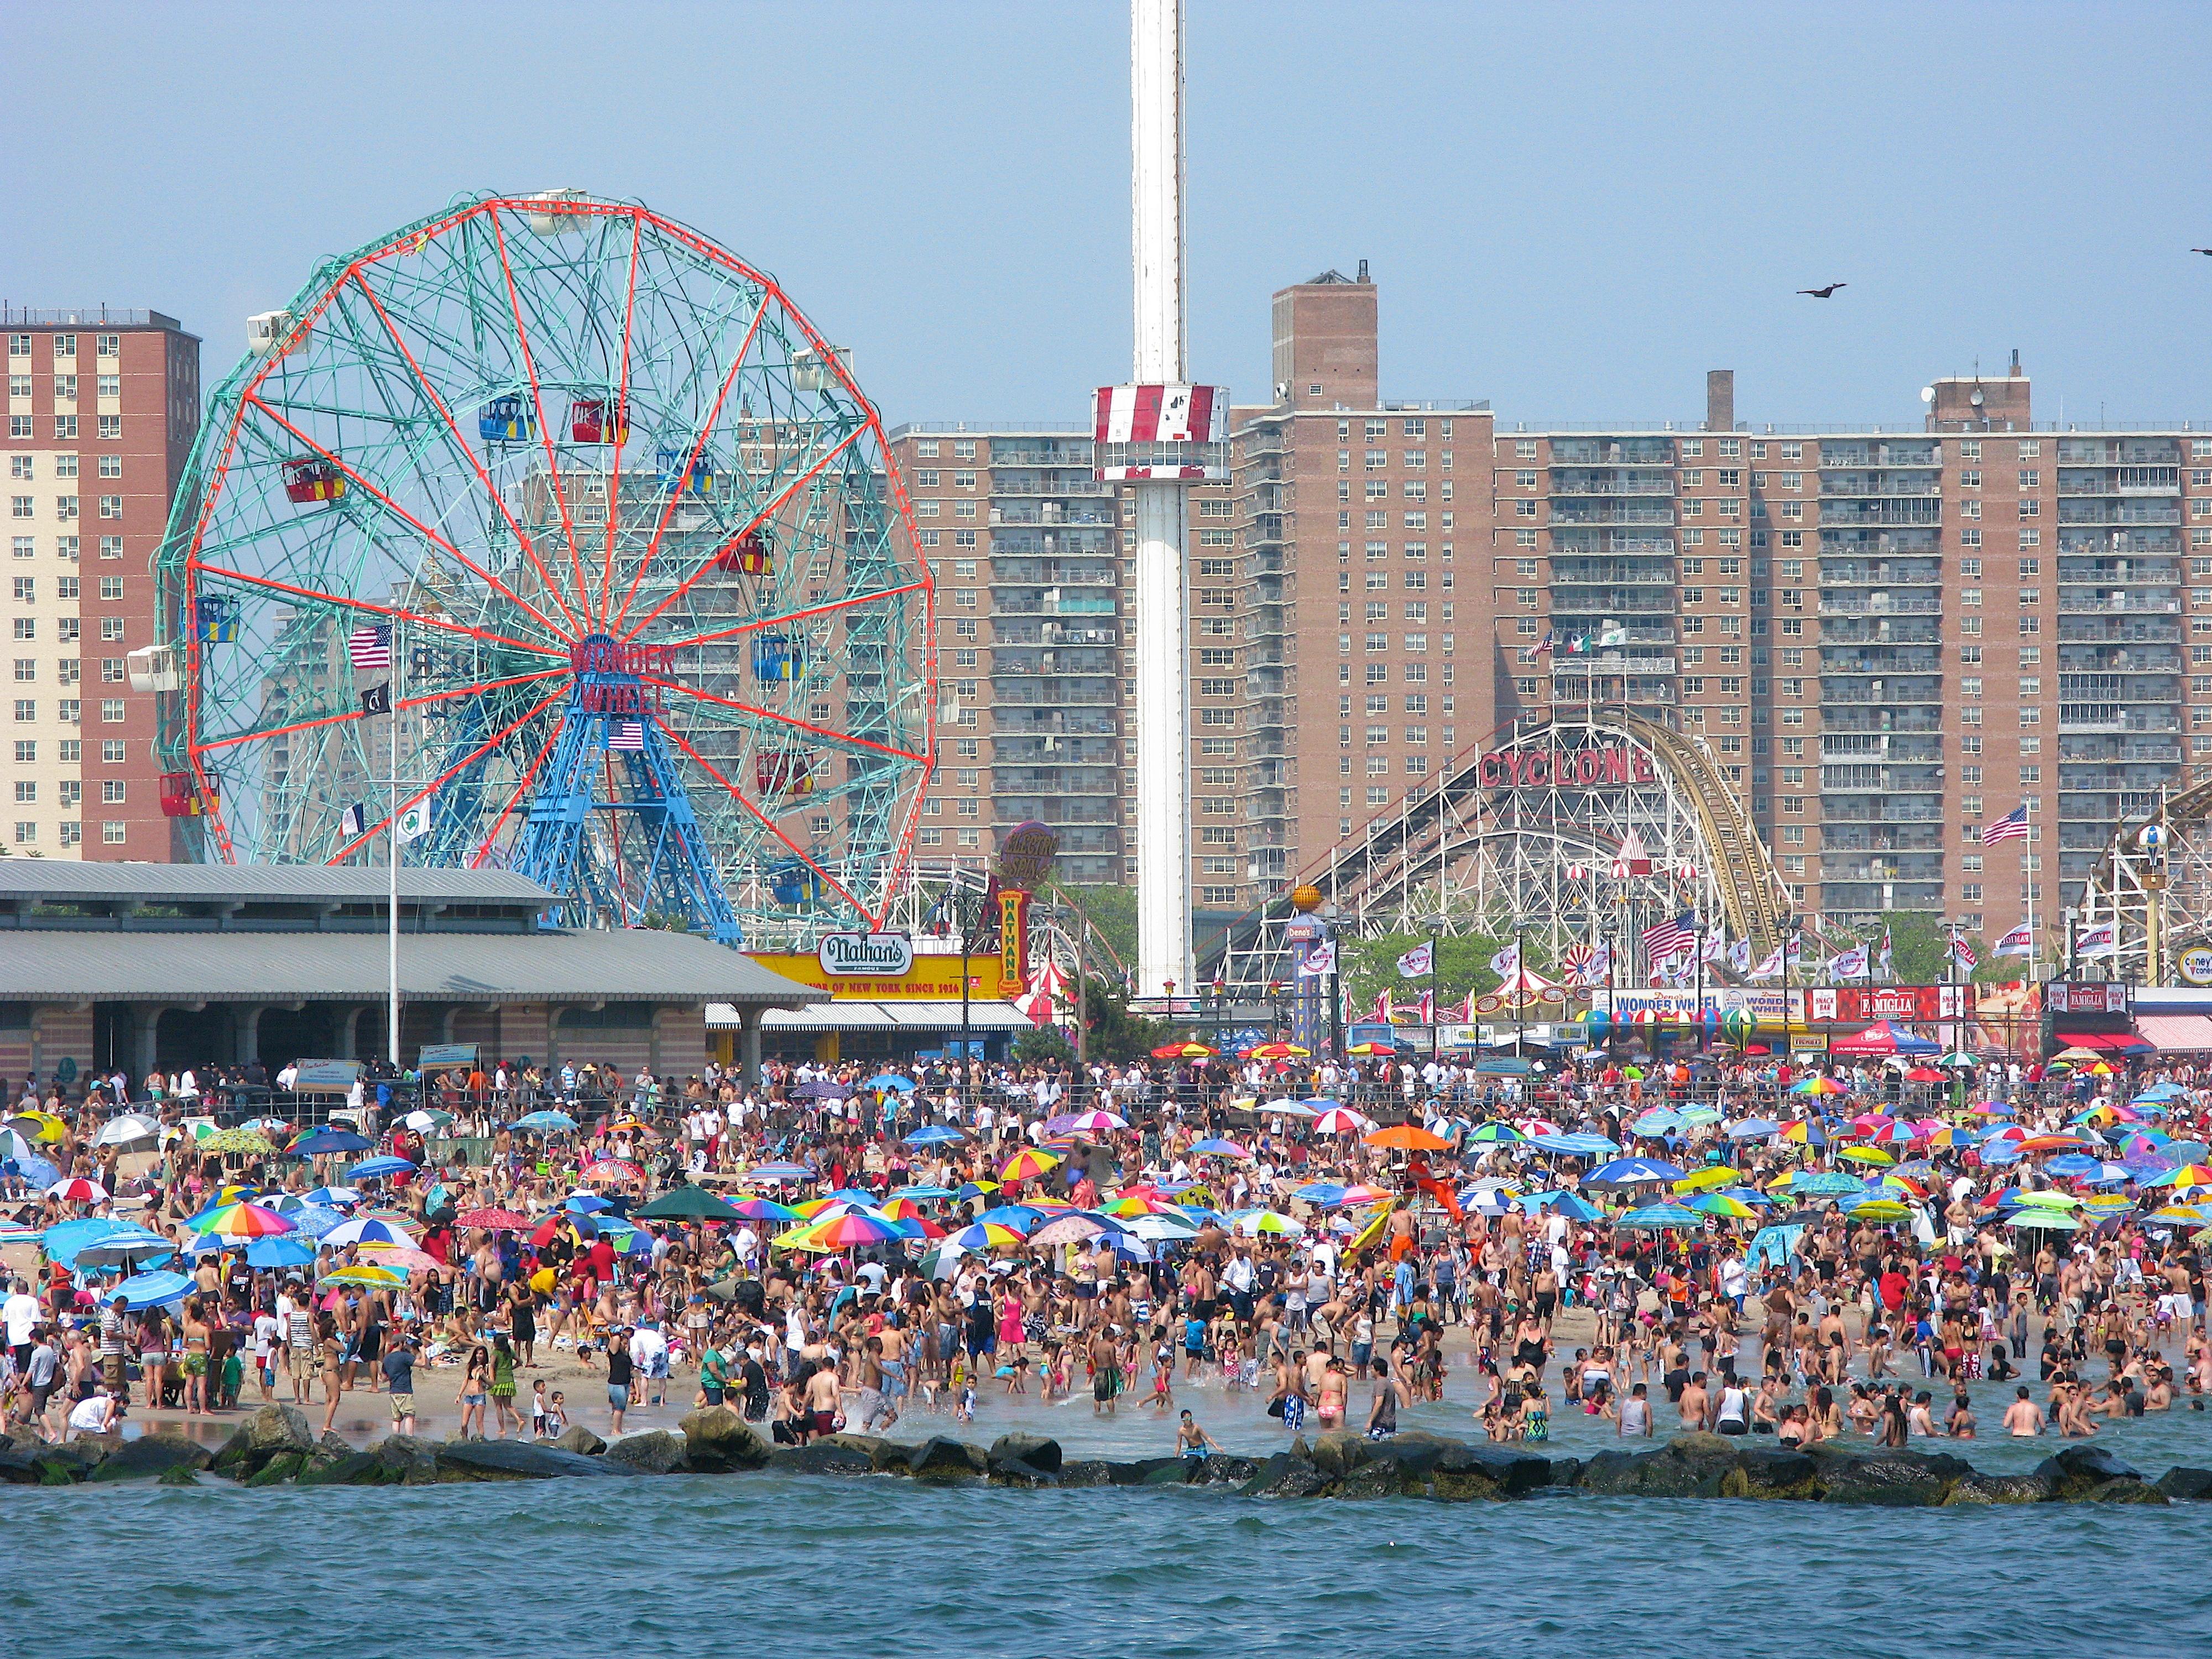 Coney Island Memorial